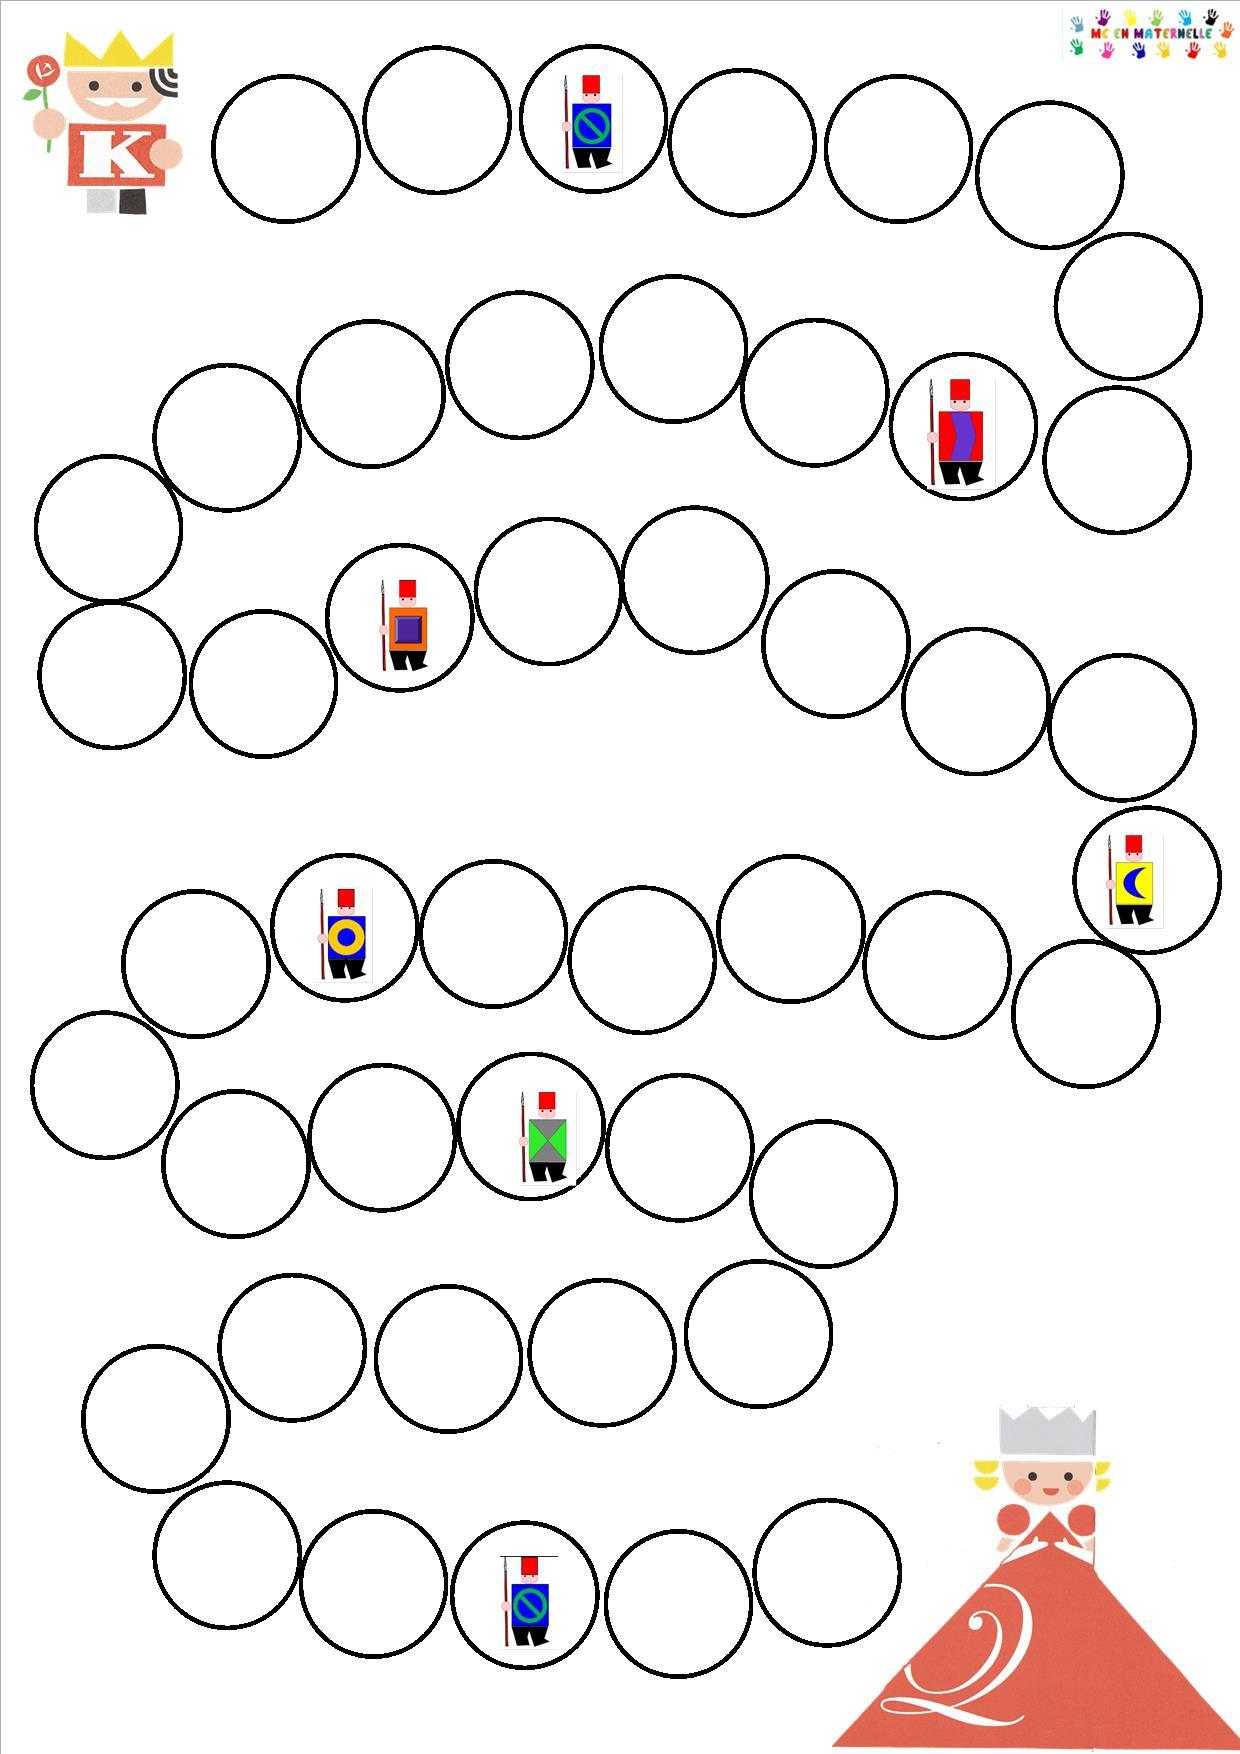 Le Tout Petit Roi : Jeu Mathématiques – Mc En Maternelle dedans Jeux Maternelle Grande Section